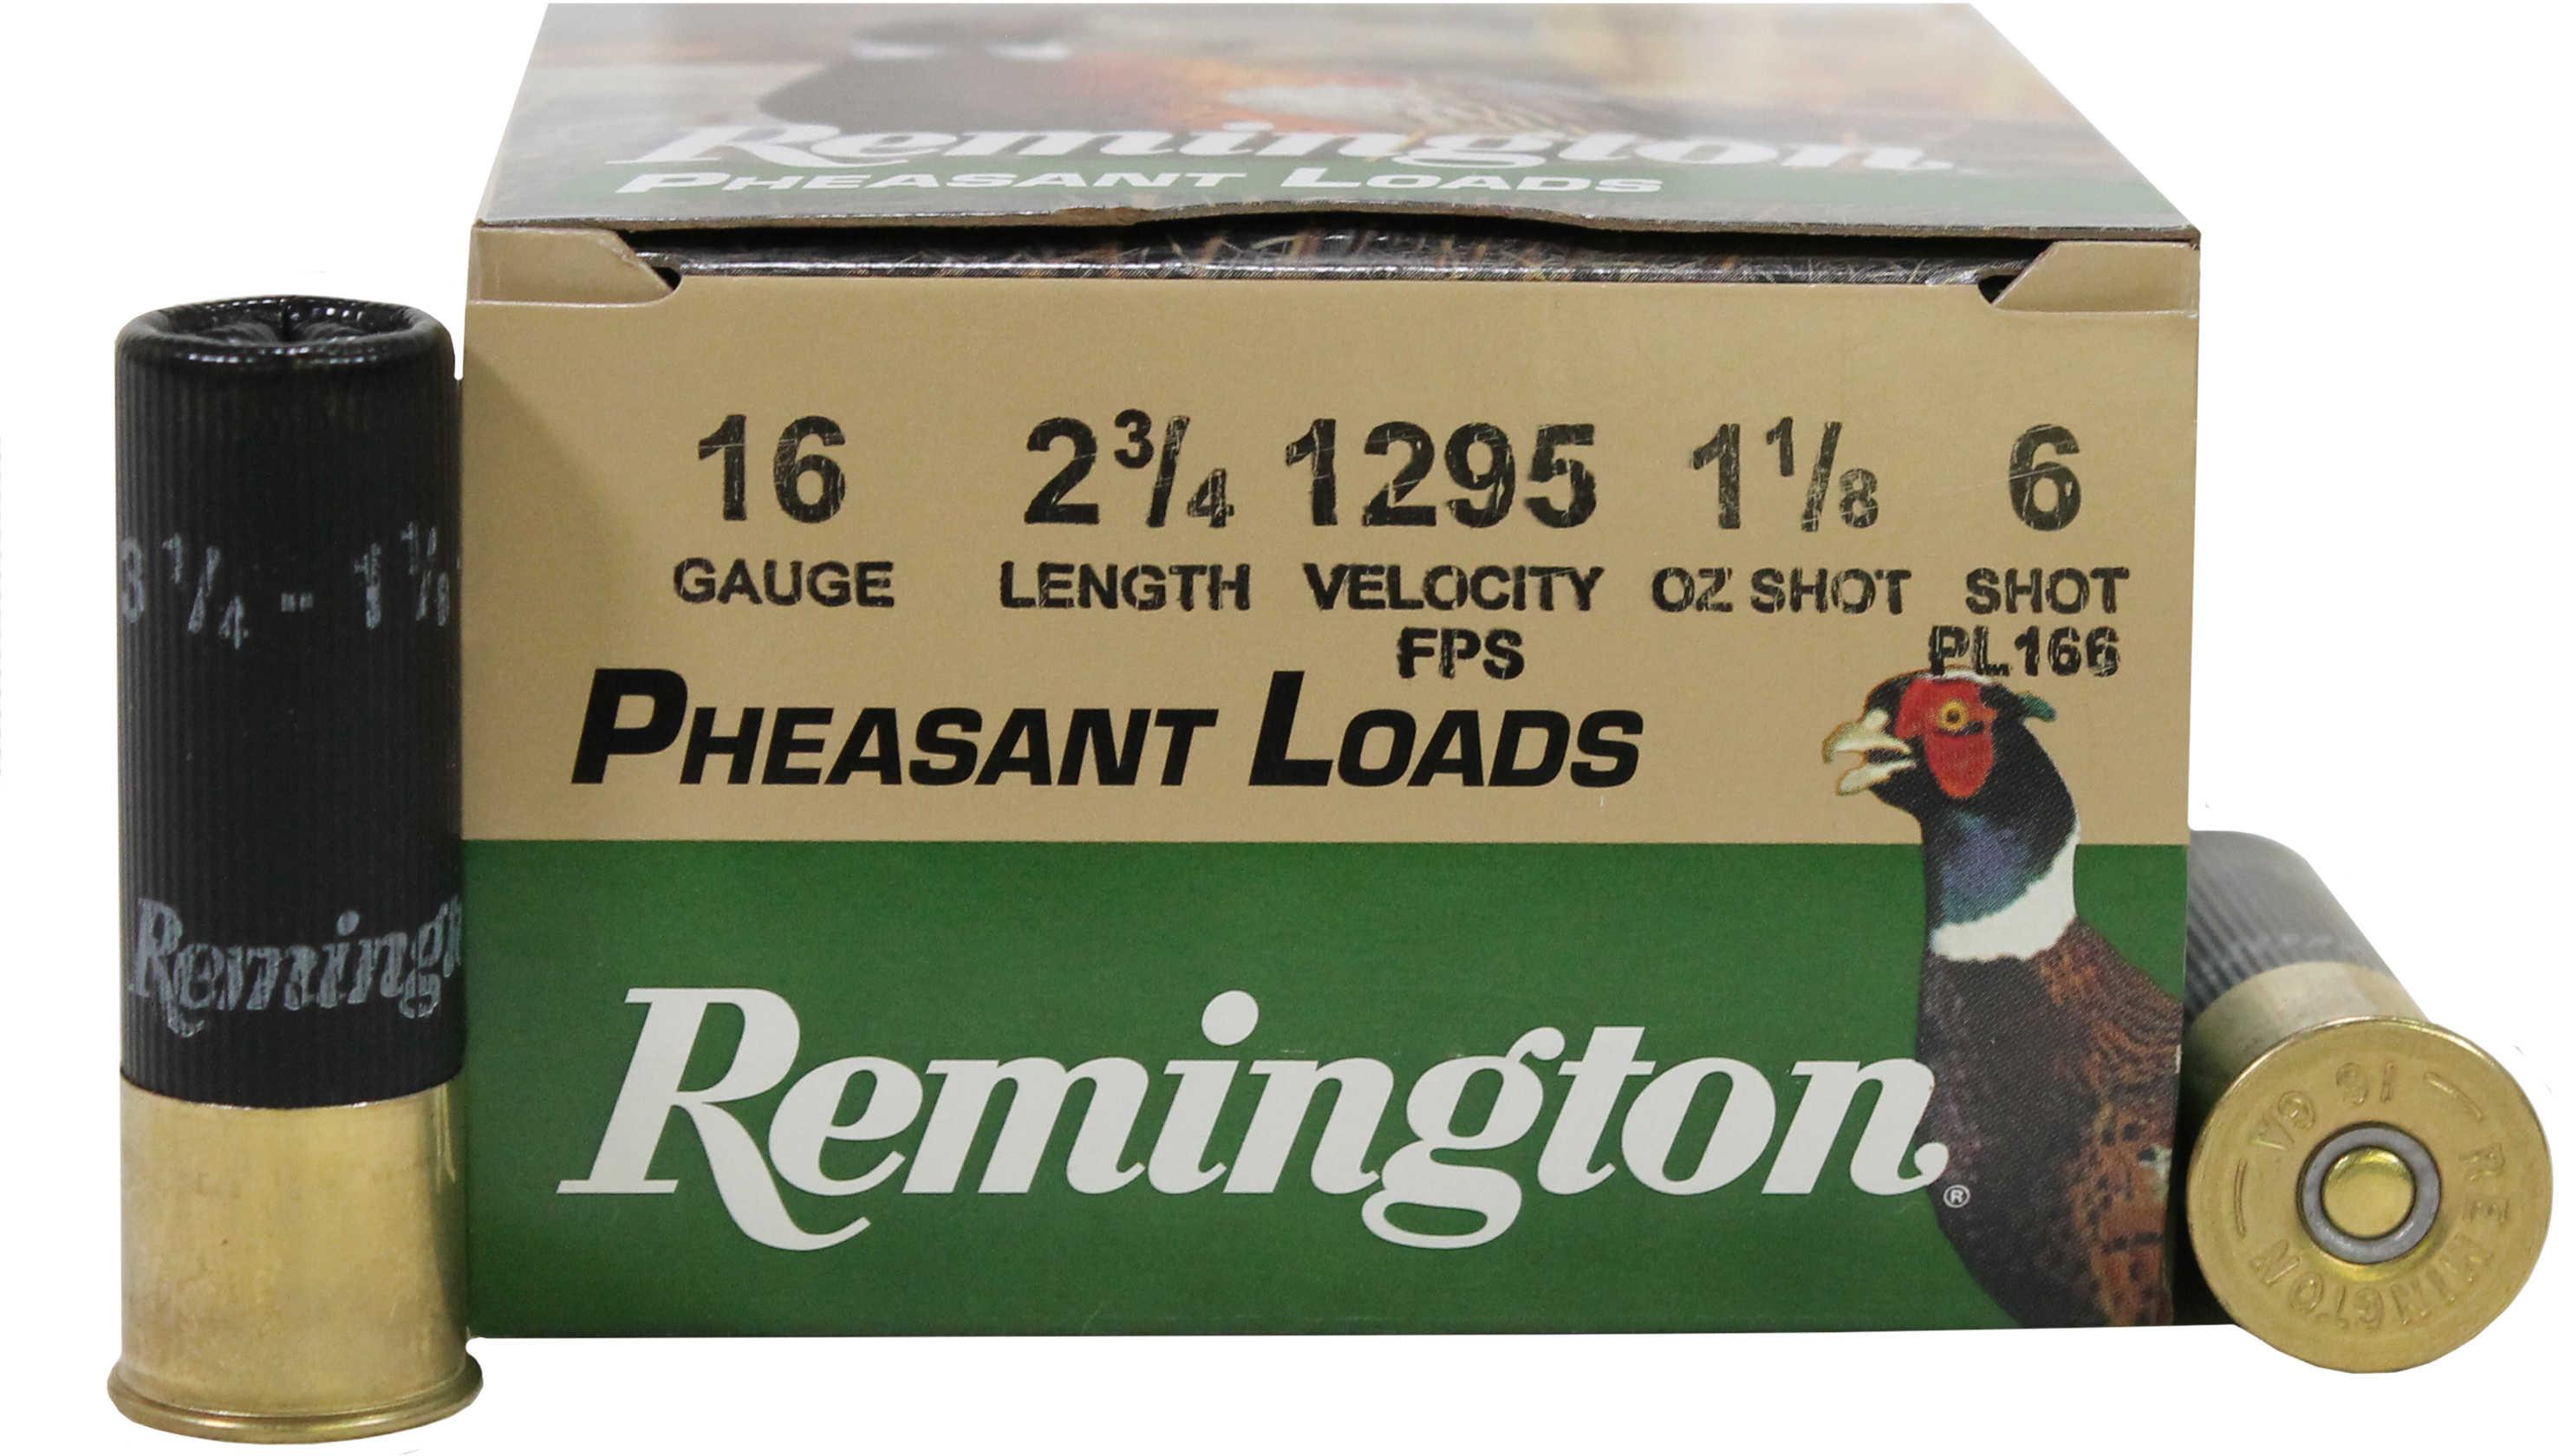 Remington Pheasant Loads 16 Gauge 1 1/8Oz #6 25 Rounds Ammunition PL166